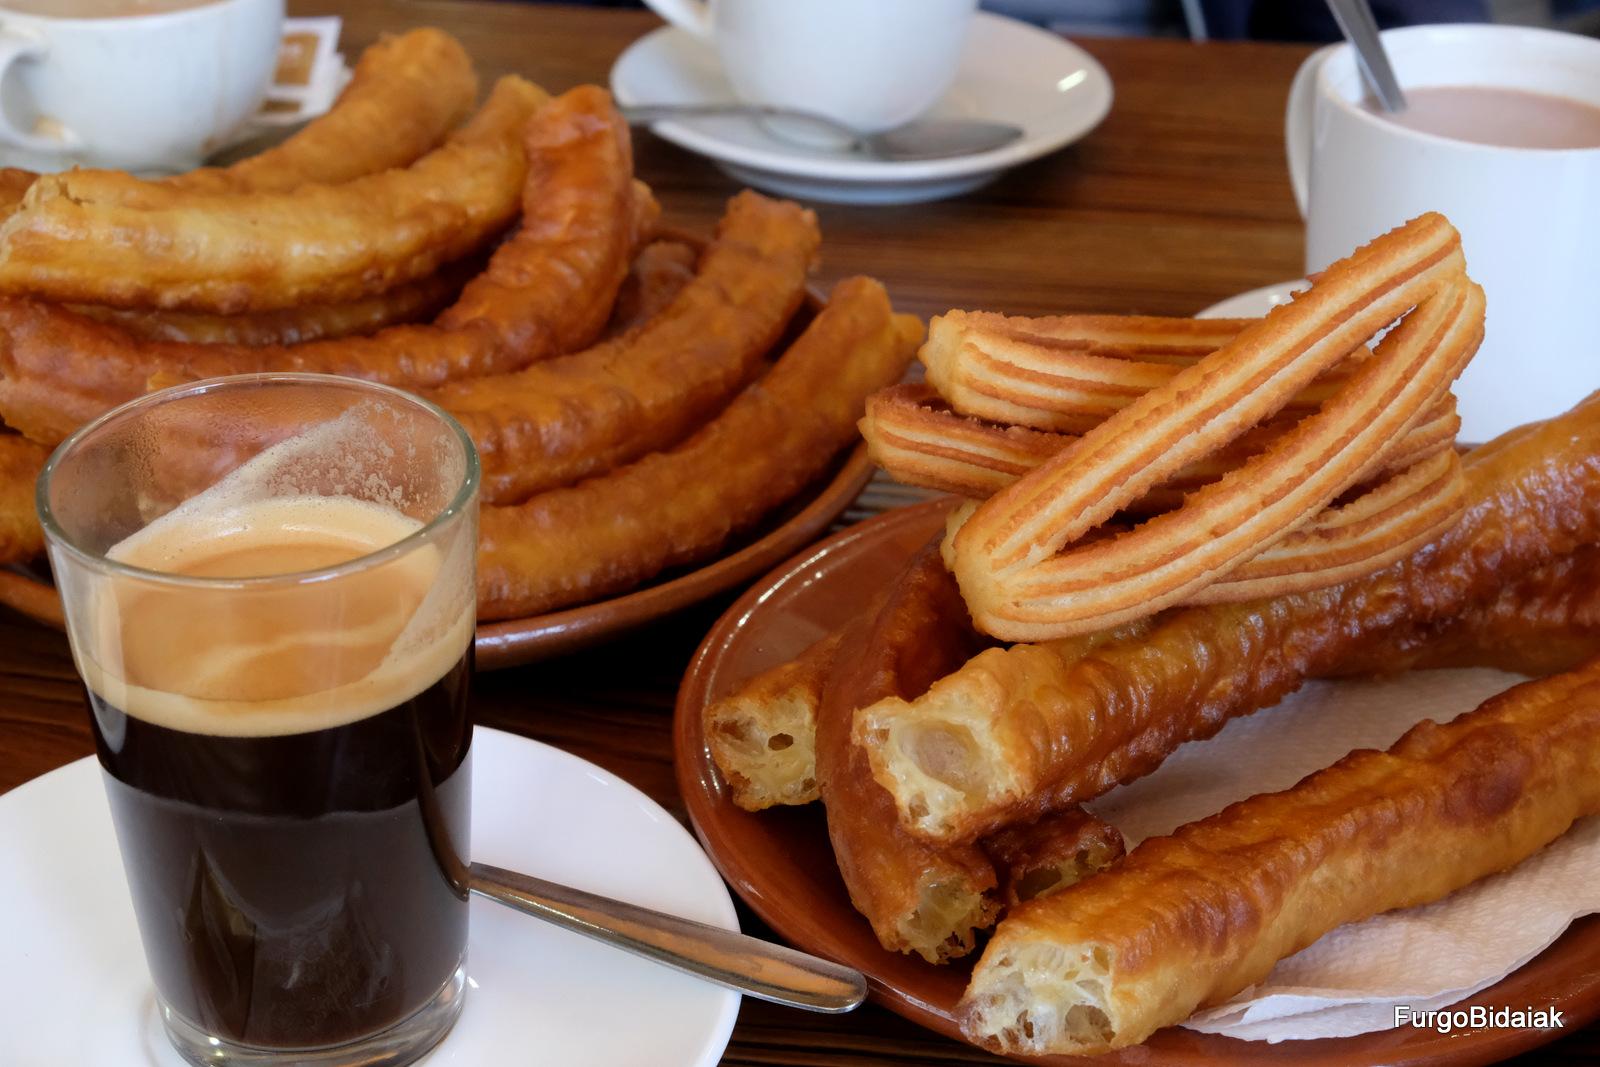 Desayuno con churros y papitas en el bar Trimope, La Línea de la Concepción